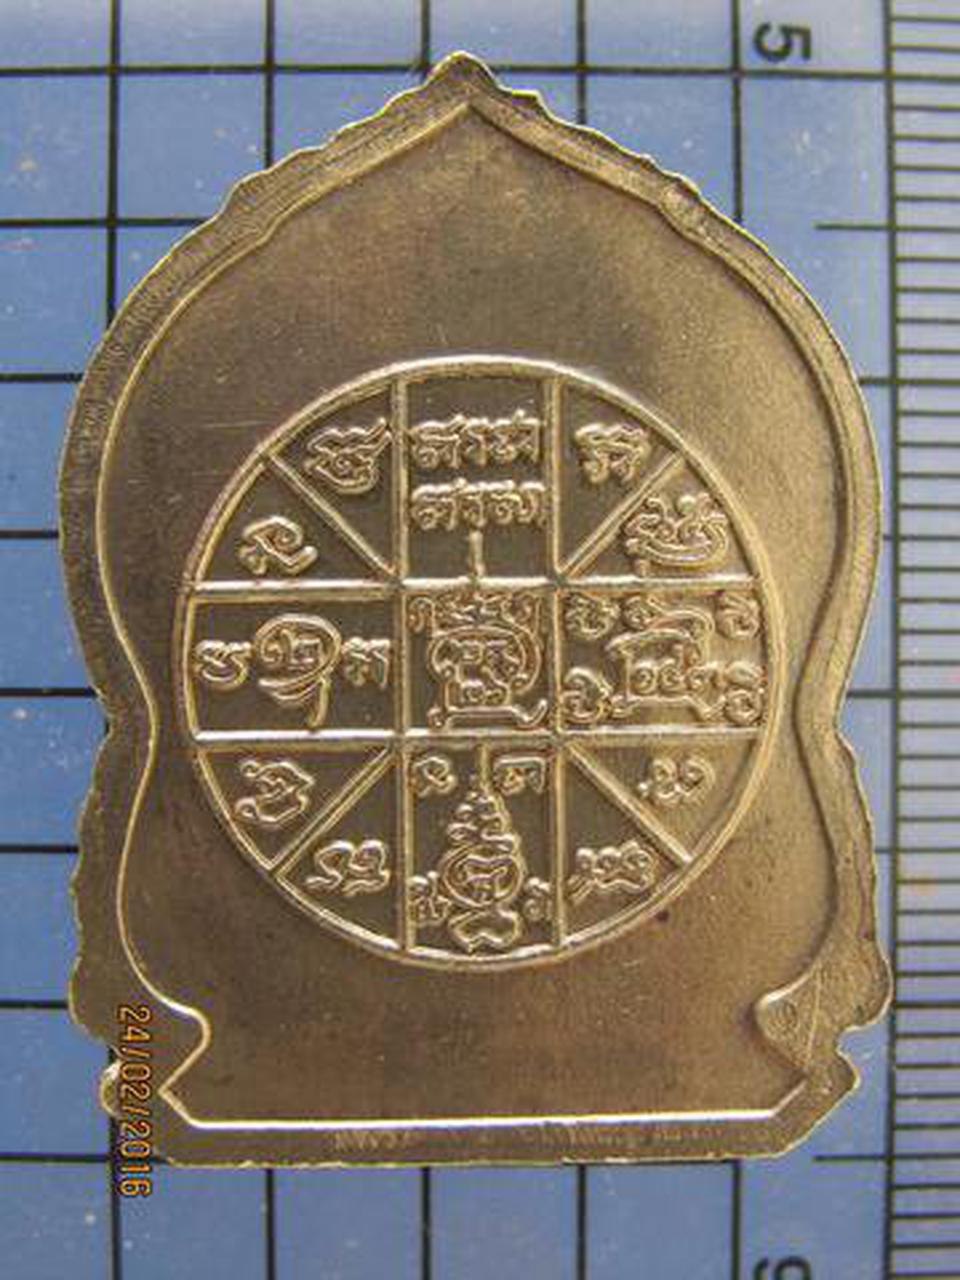 3183 เหรียญเสมาเนื้ออัลปาก้า หลวงปู่นิล อิสสริโก หลังยันต์ดว รูปที่ 4